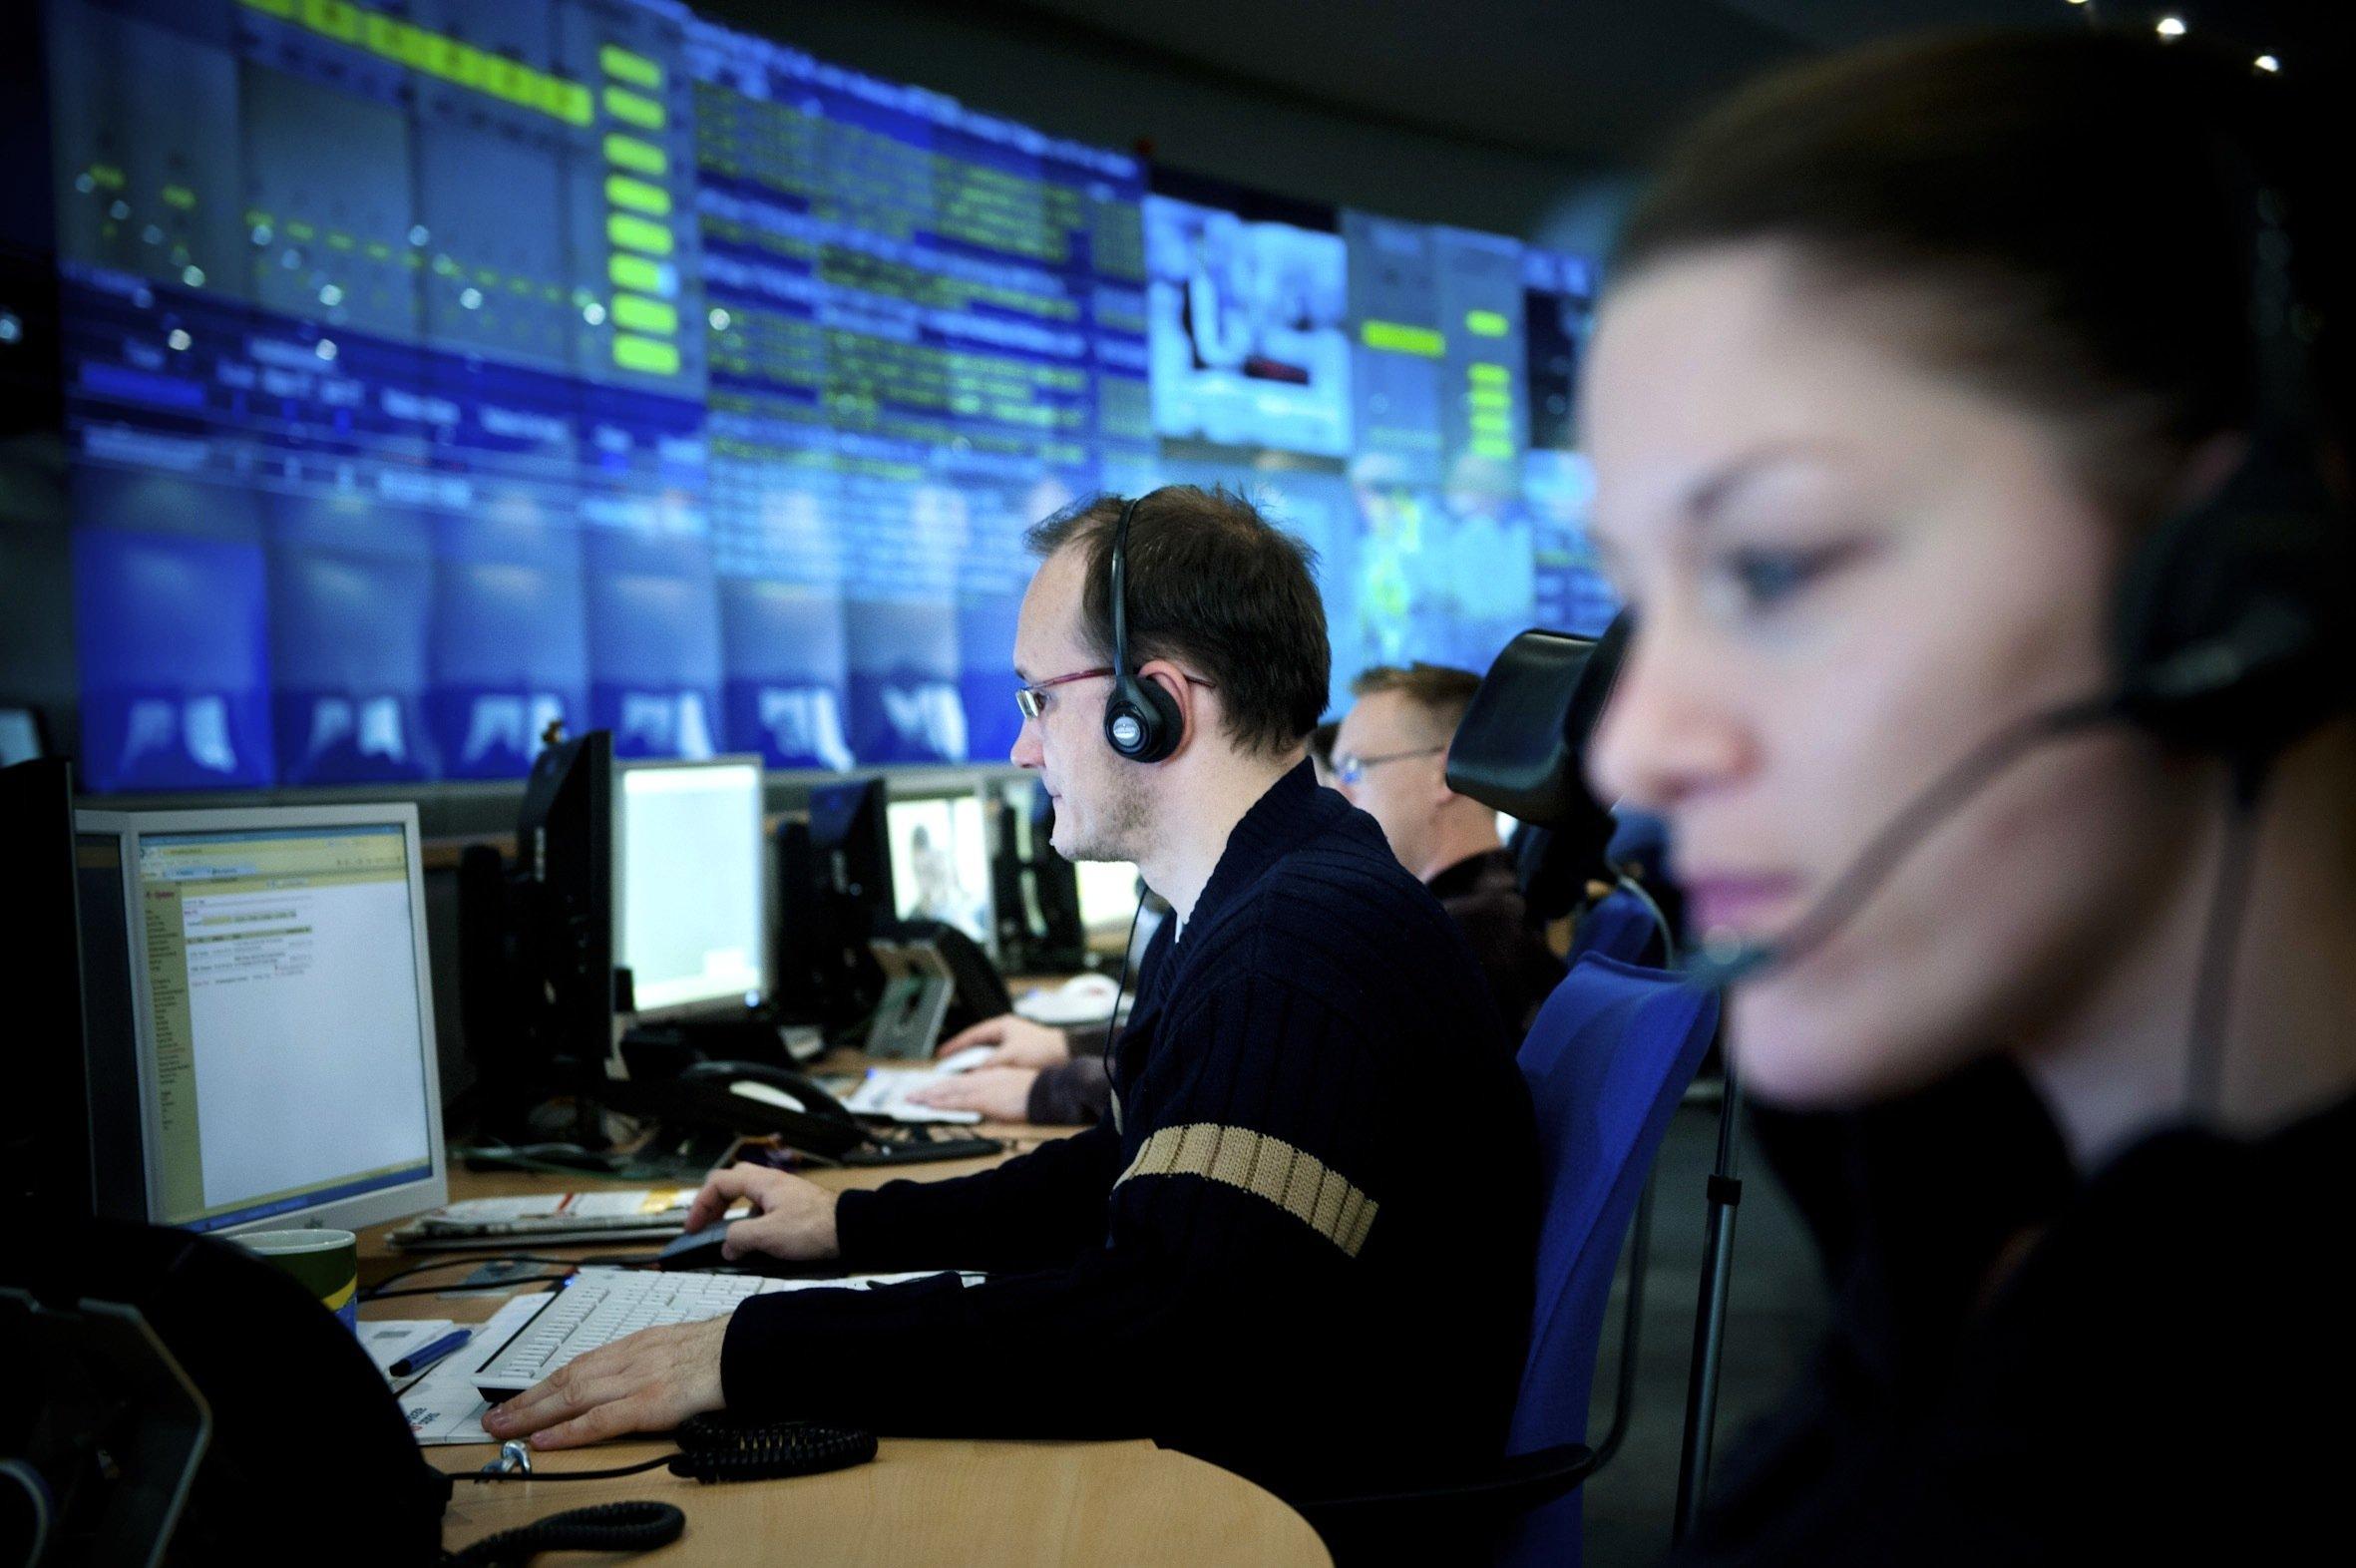 Rechenzentrum der Telekom: Der Konzern betreibt dieInfrastruktur für die Volksverschlüsselung in einem Hochsicherheitsrechenzentrum.